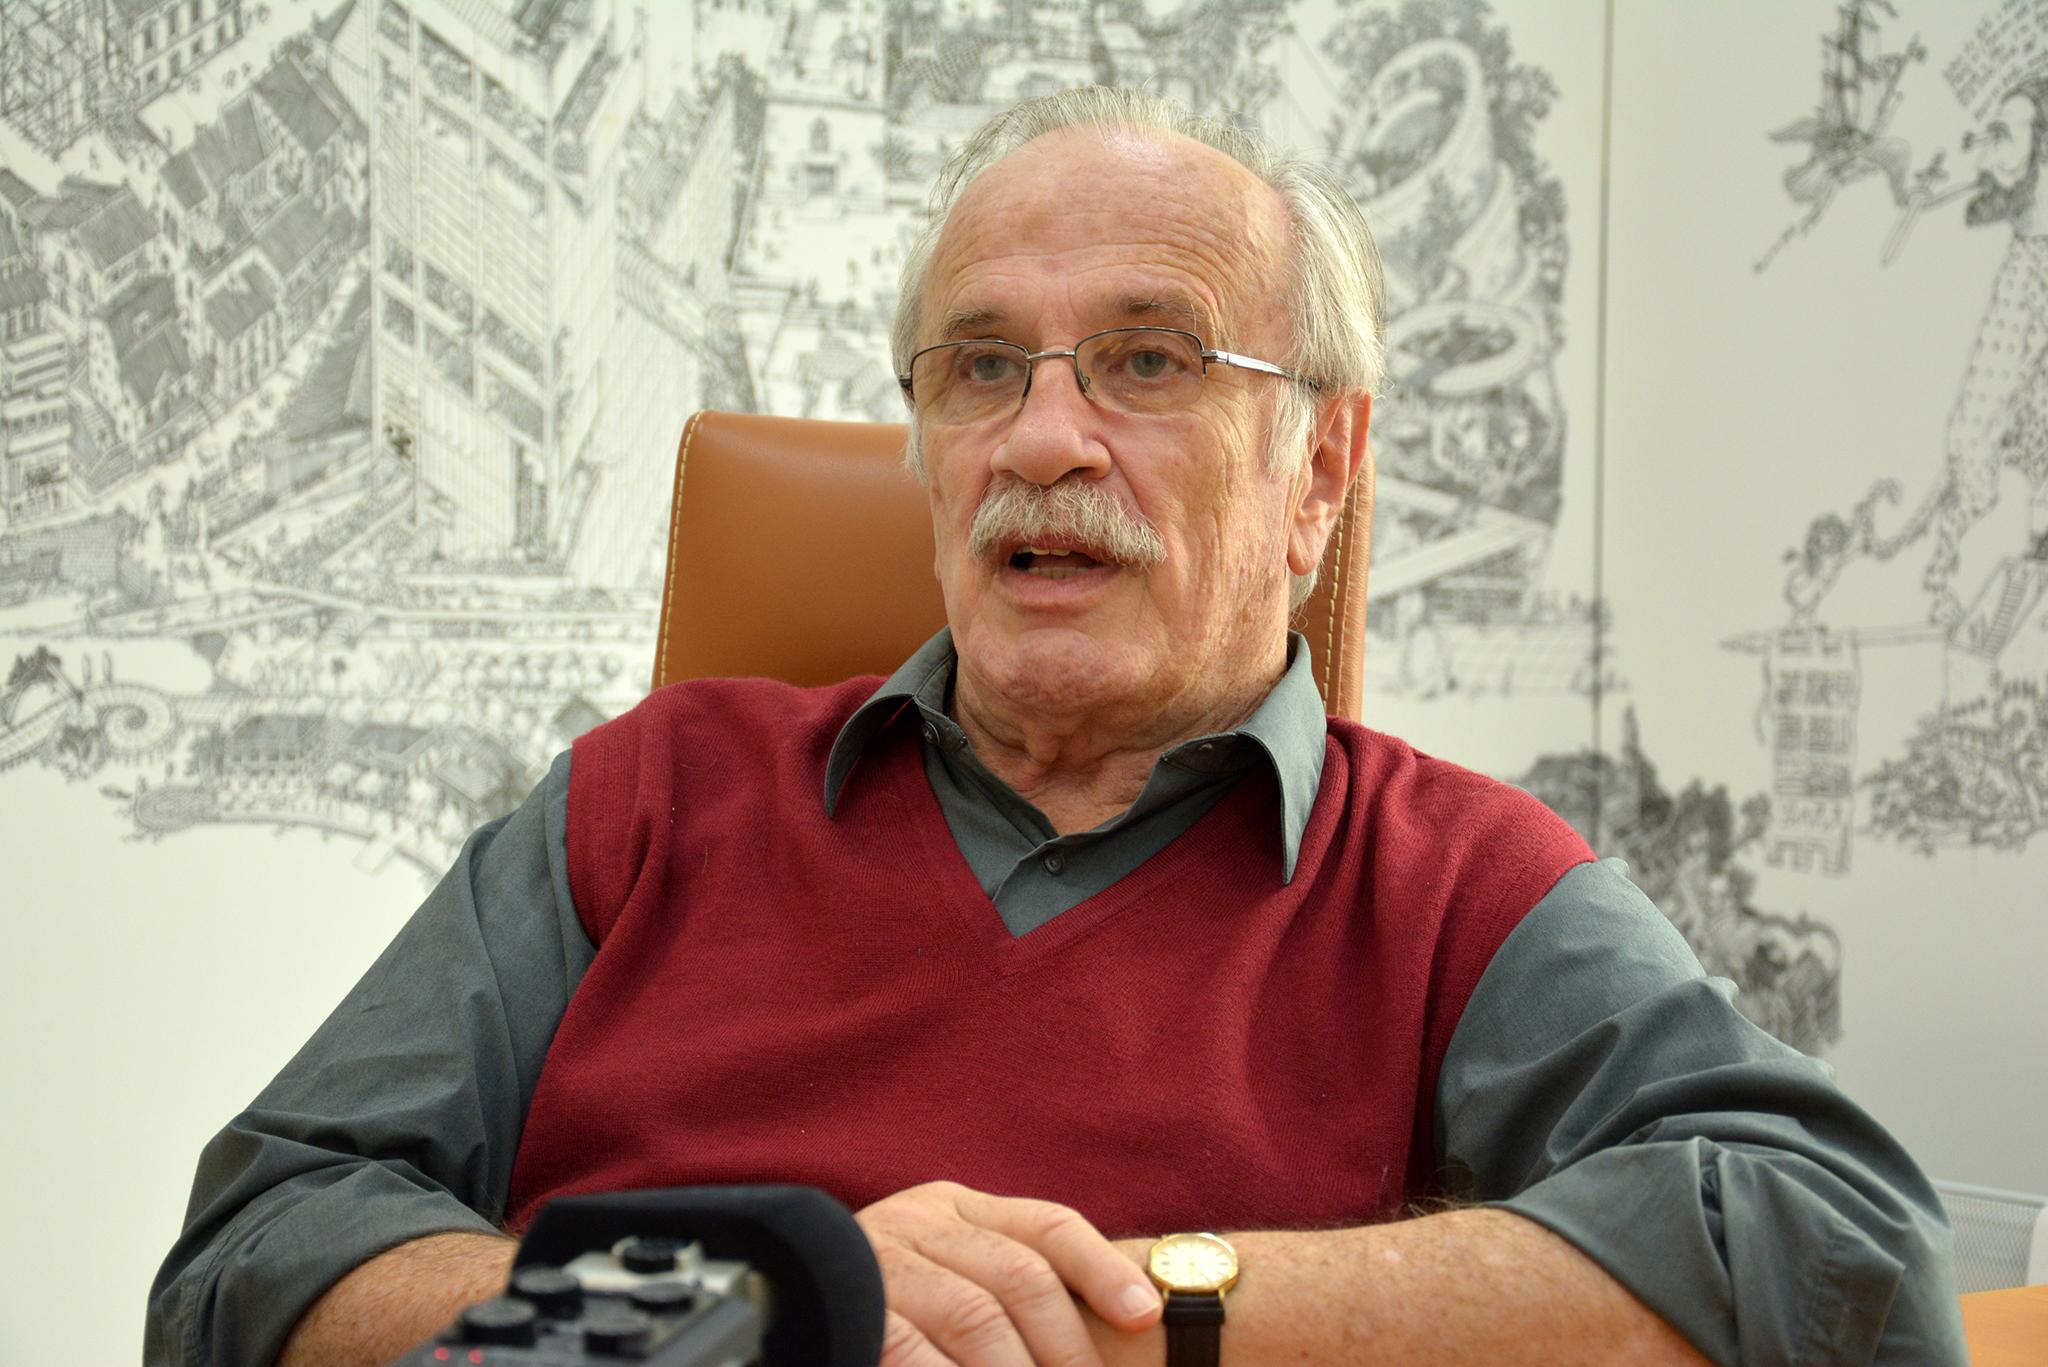 """Jorge Forjaz, autor da II edição da obra """"Famílias Macaenses"""": """"É a família que dá braços"""""""